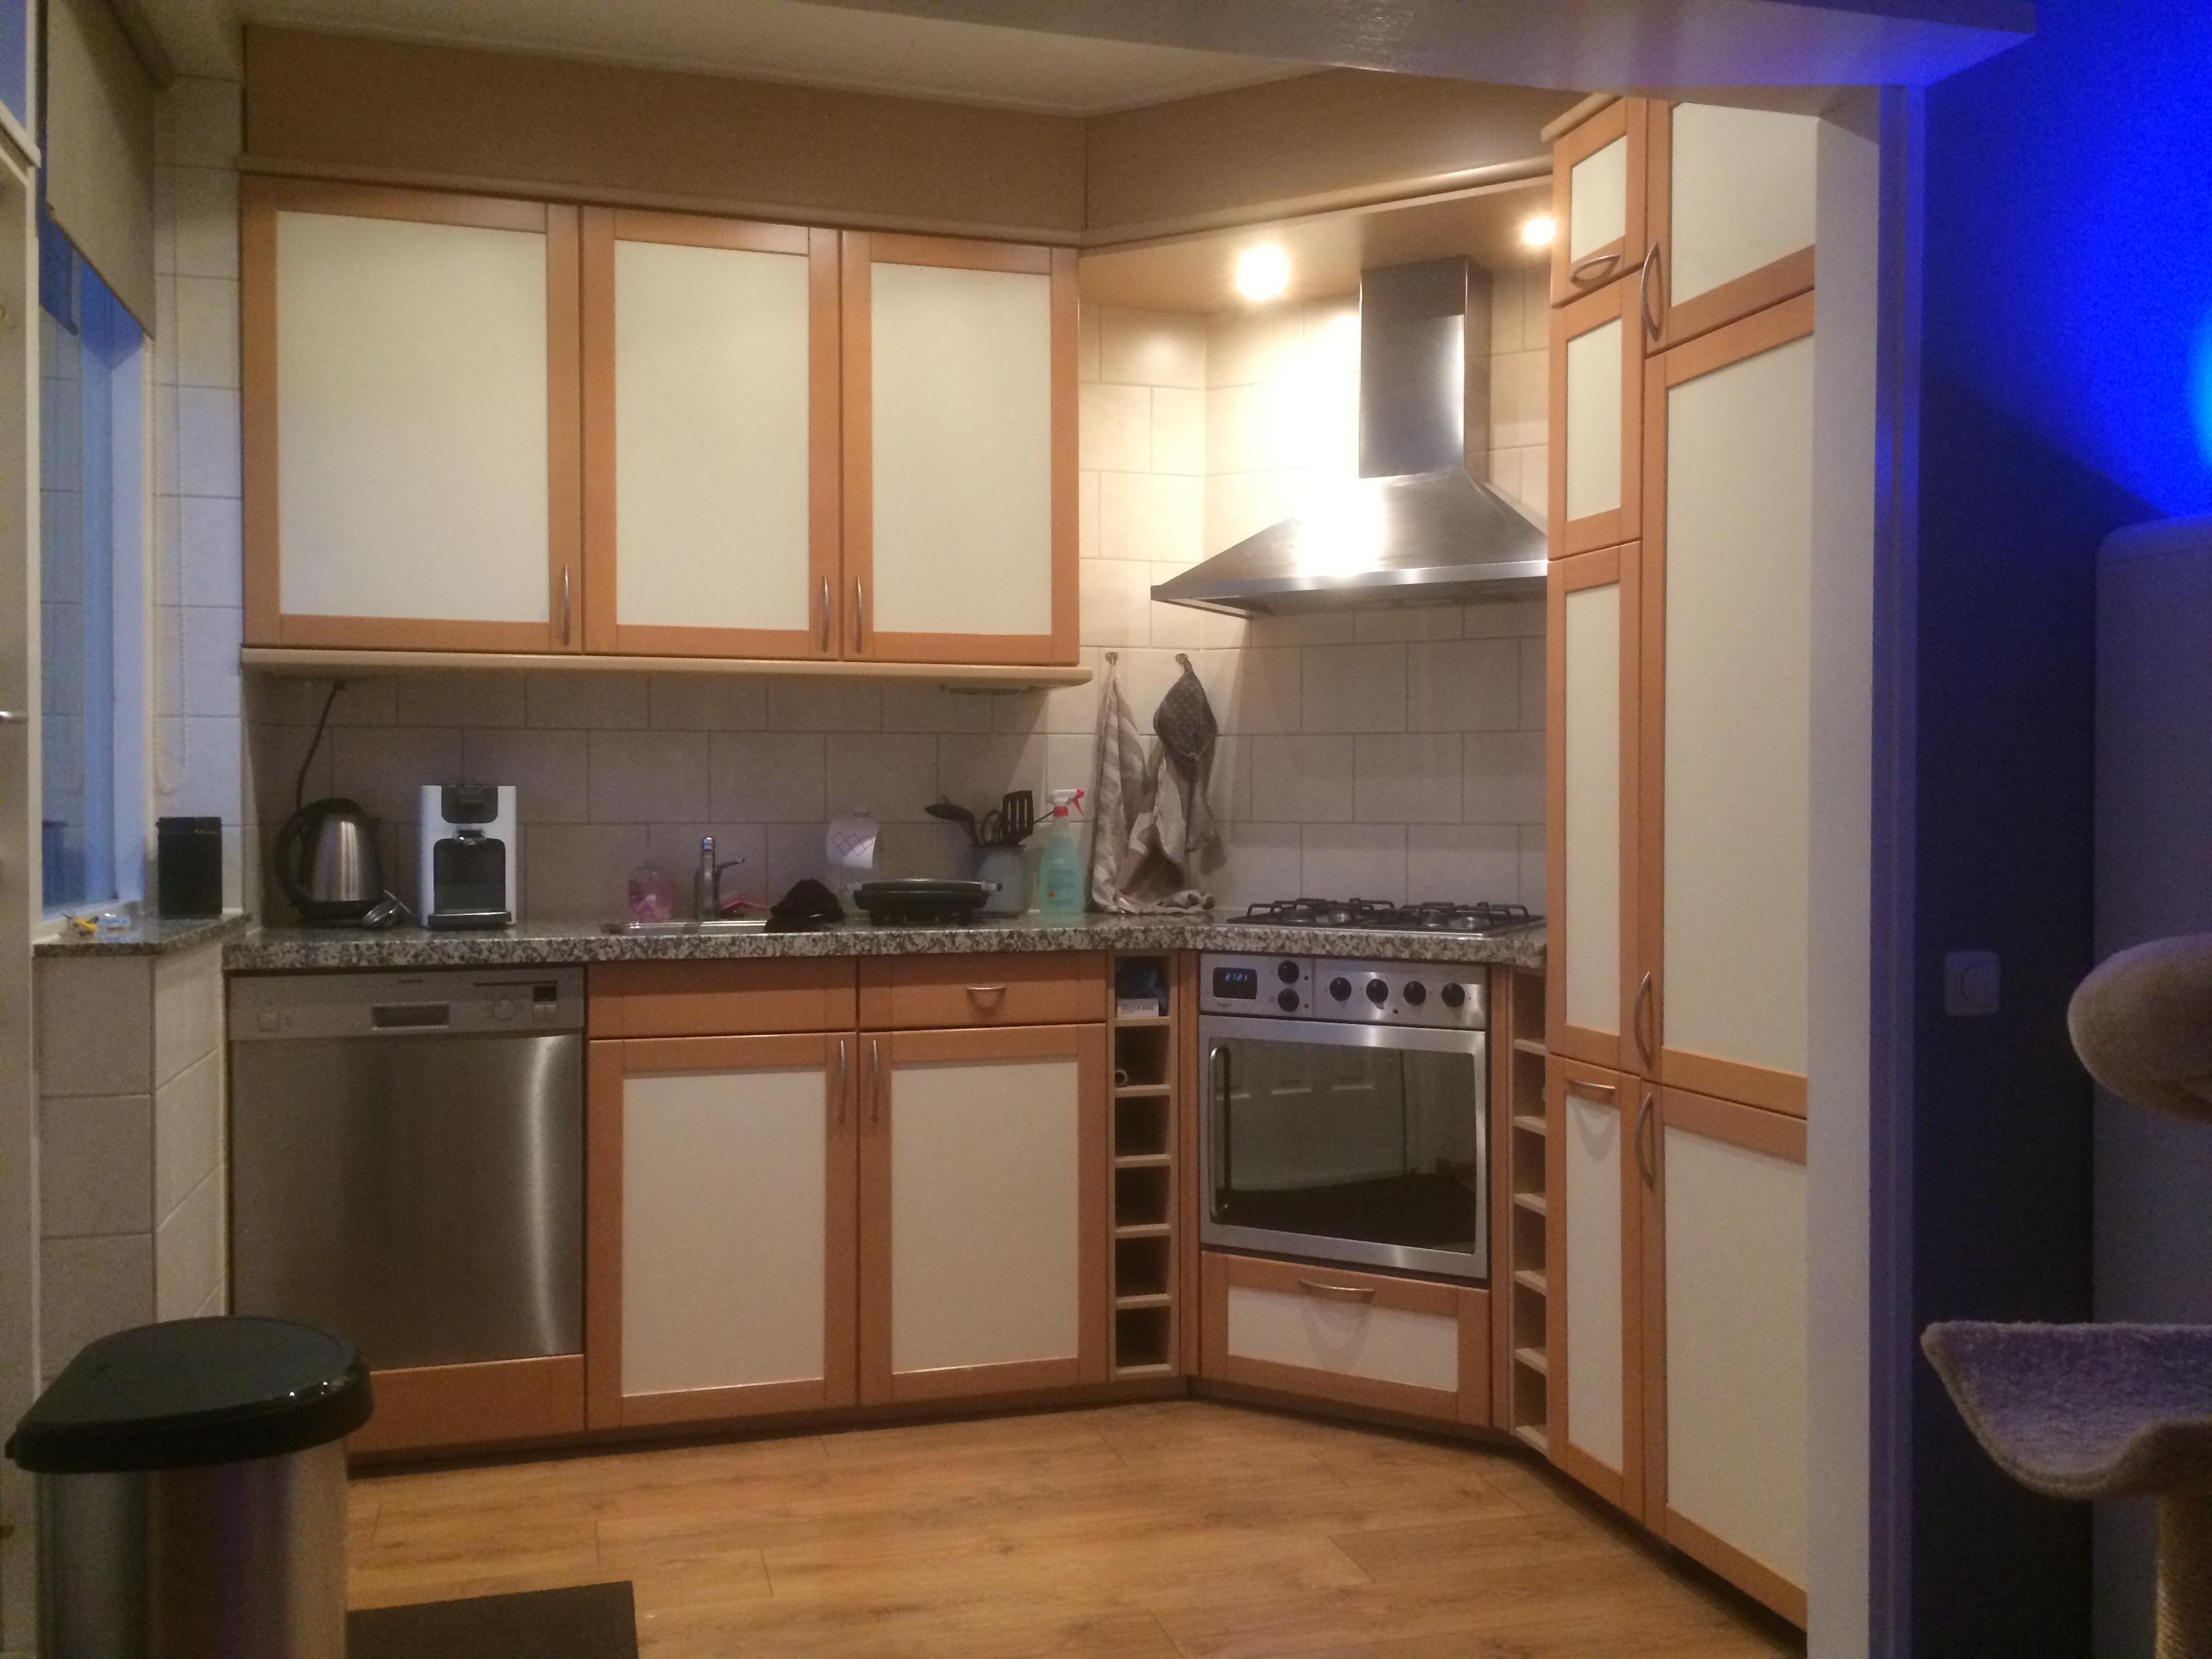 Keuken van hout wit naar metallic grijs - Houtkleur zwart ...